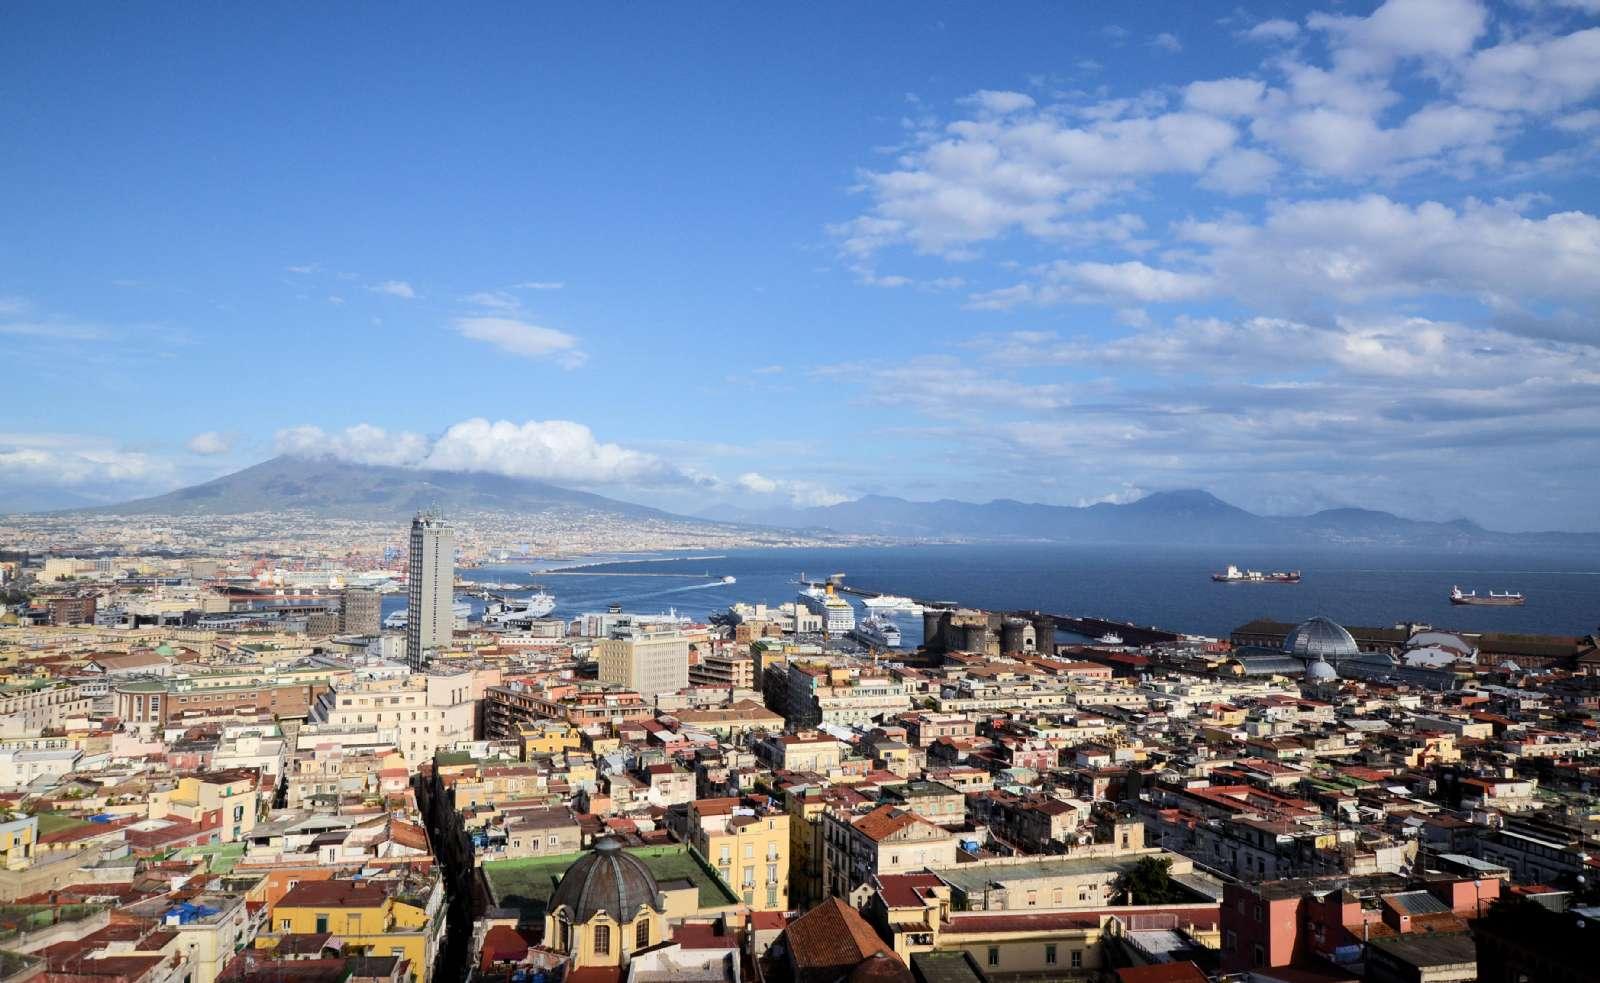 Hotellets udsigt ud over Napoli, Vesuv og Napolibugten